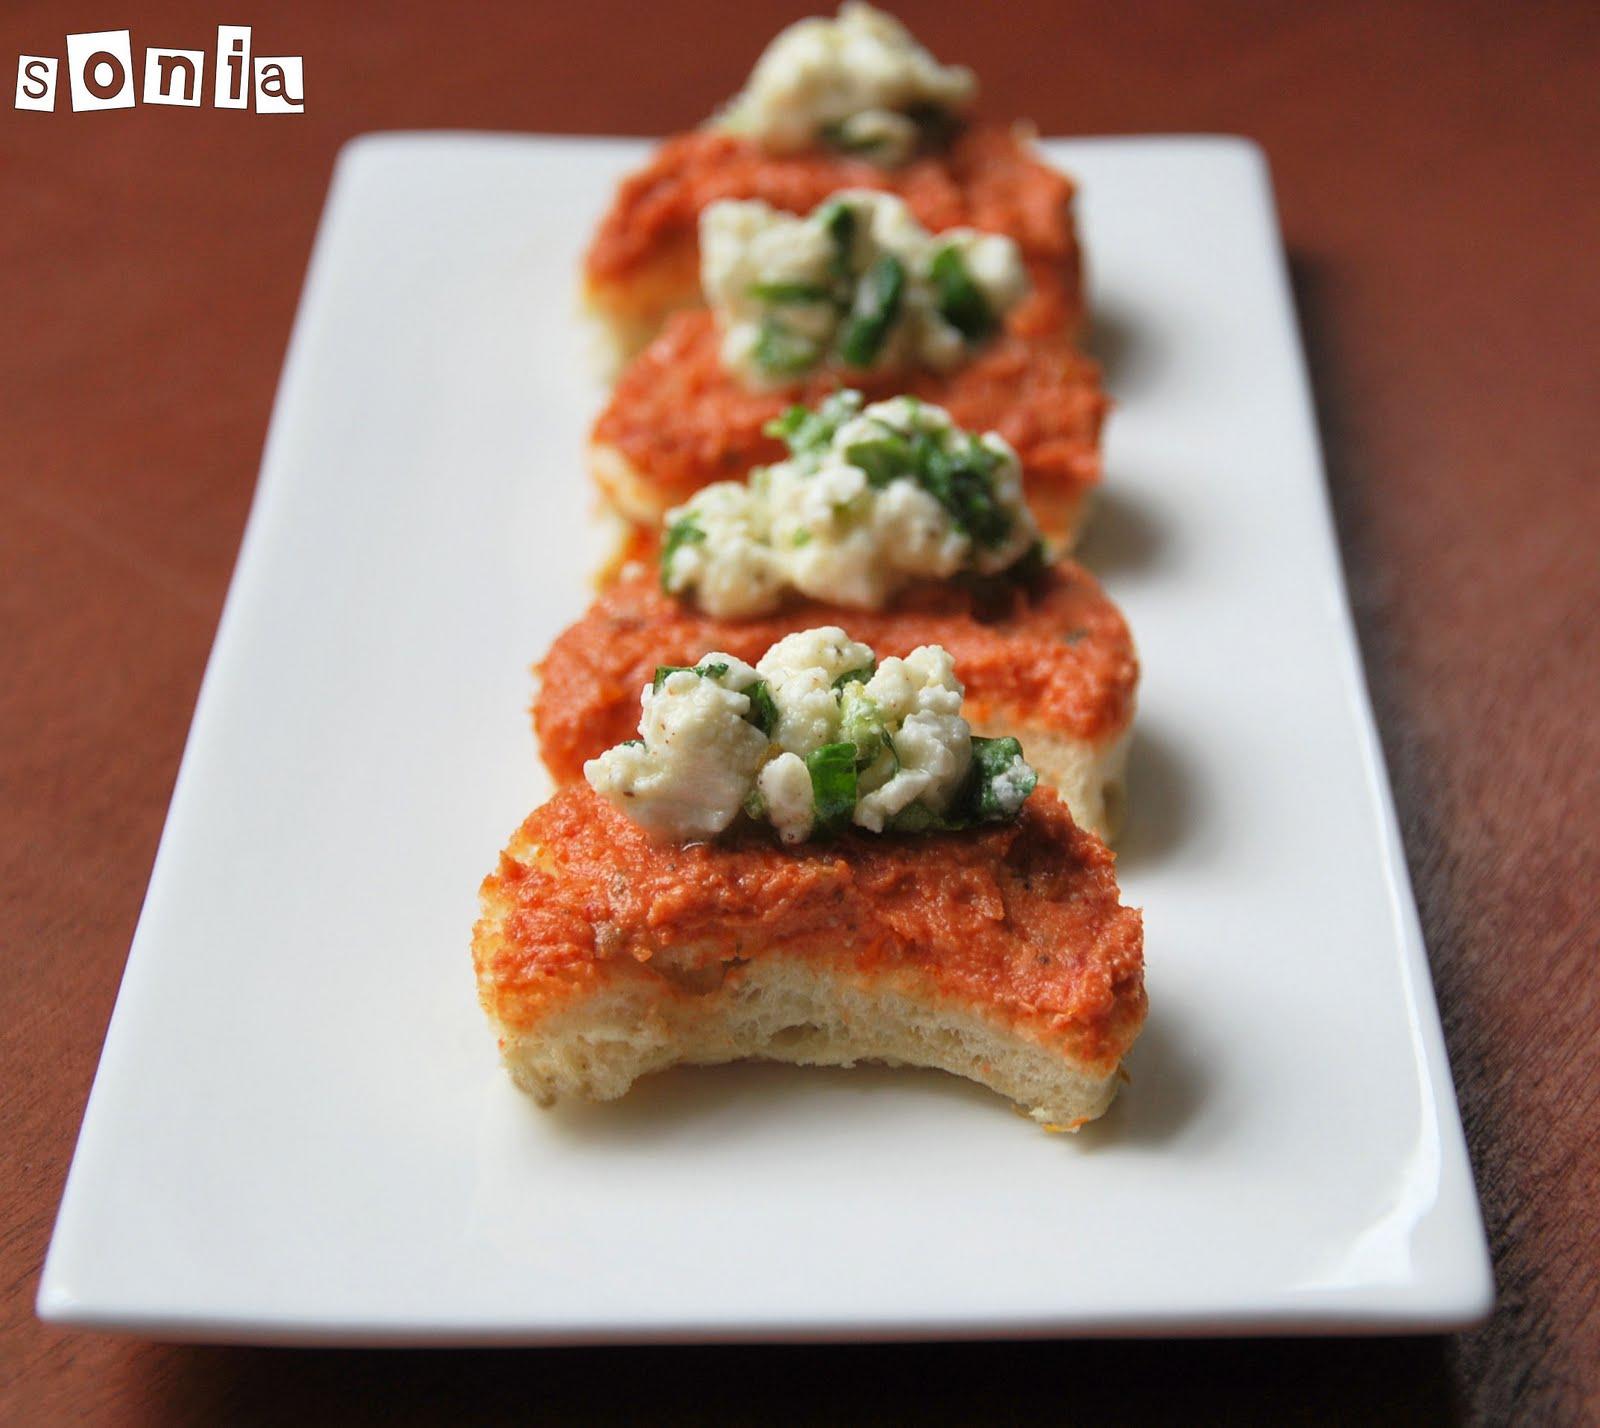 Canap s de tomates secos y queso de cabra marinado l for Canape queso de cabra